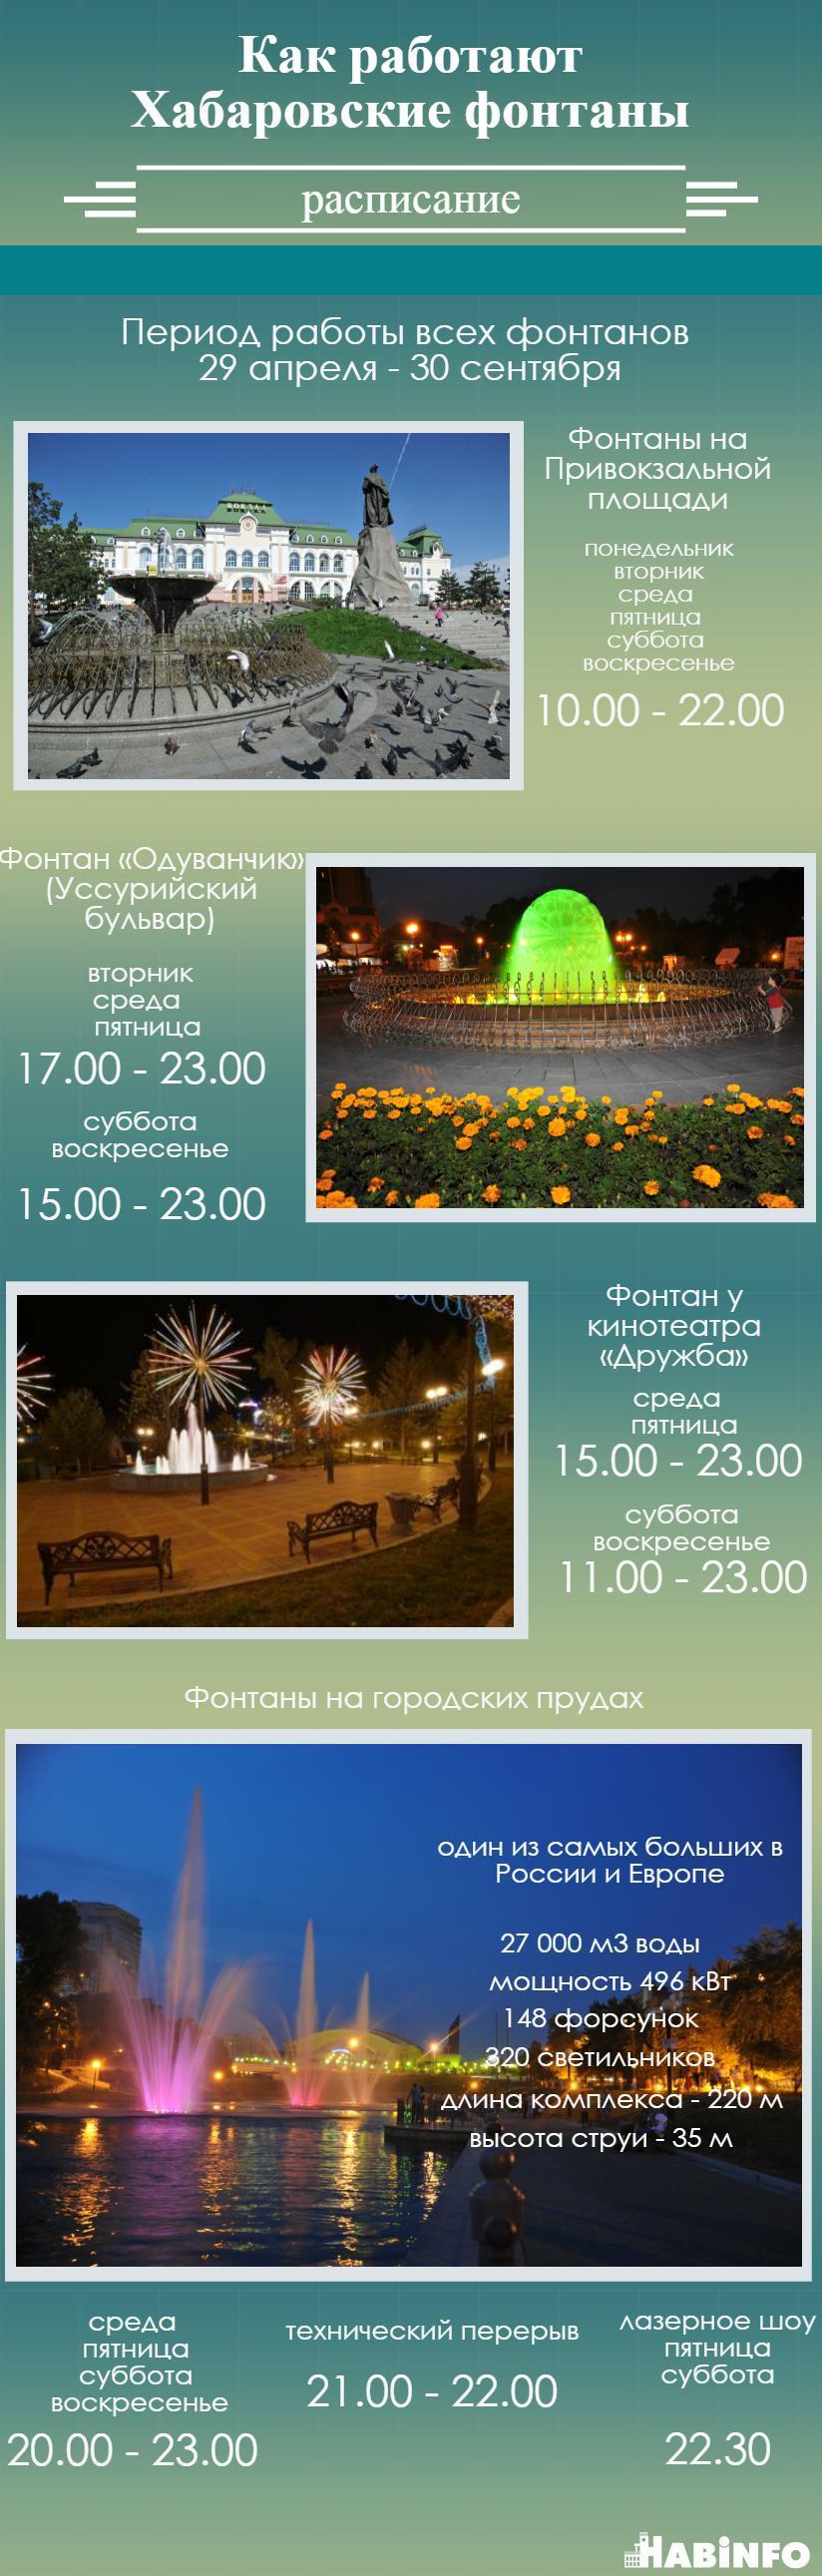 Хабаровские фонтаны: расписание работы